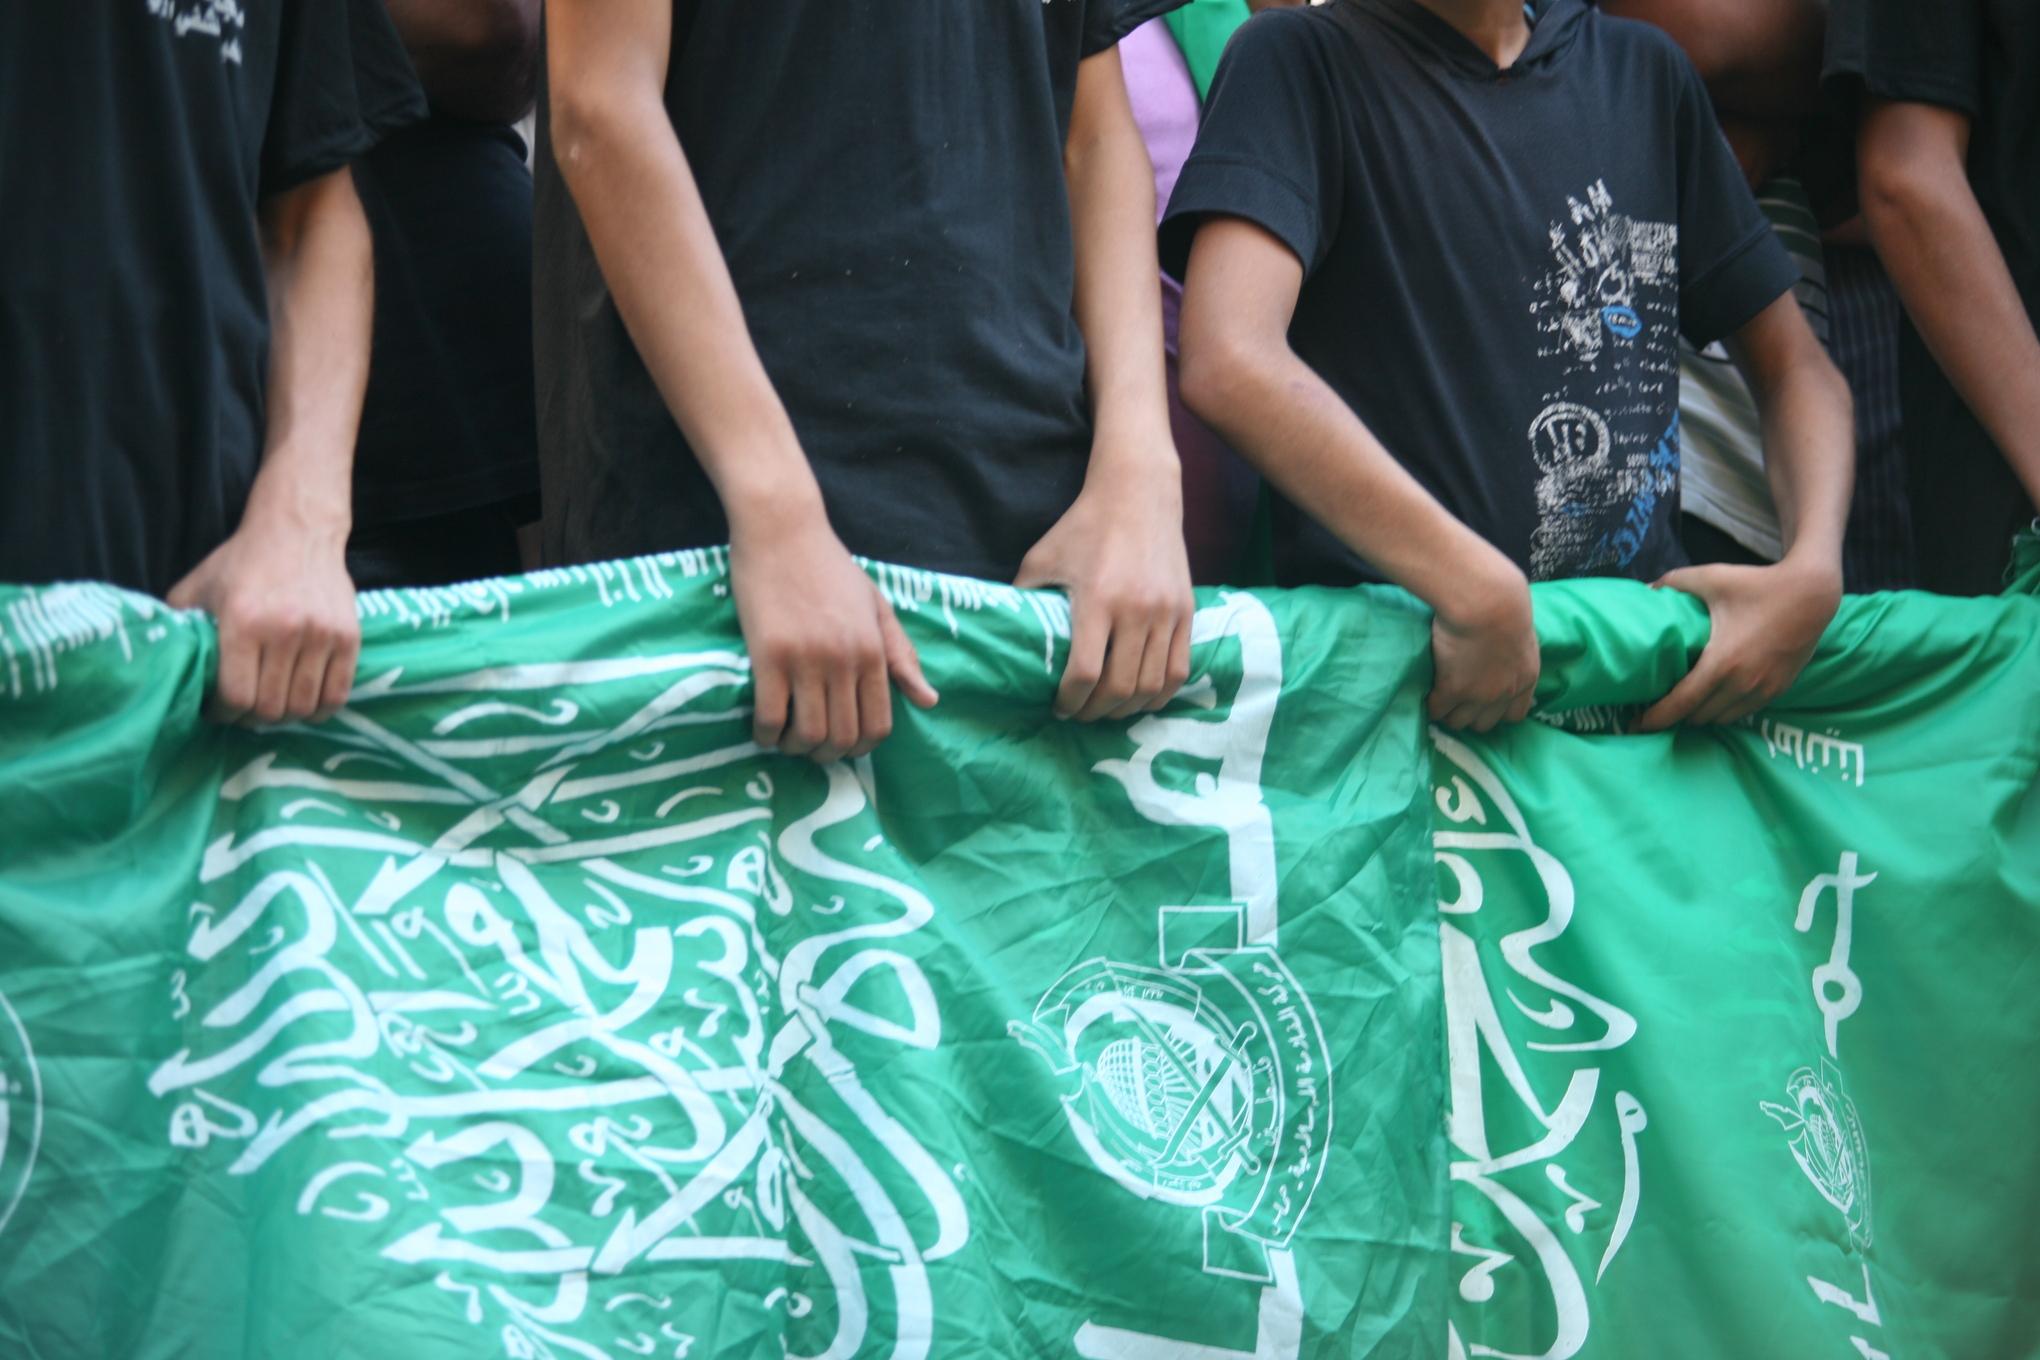 Children_hamas_flag